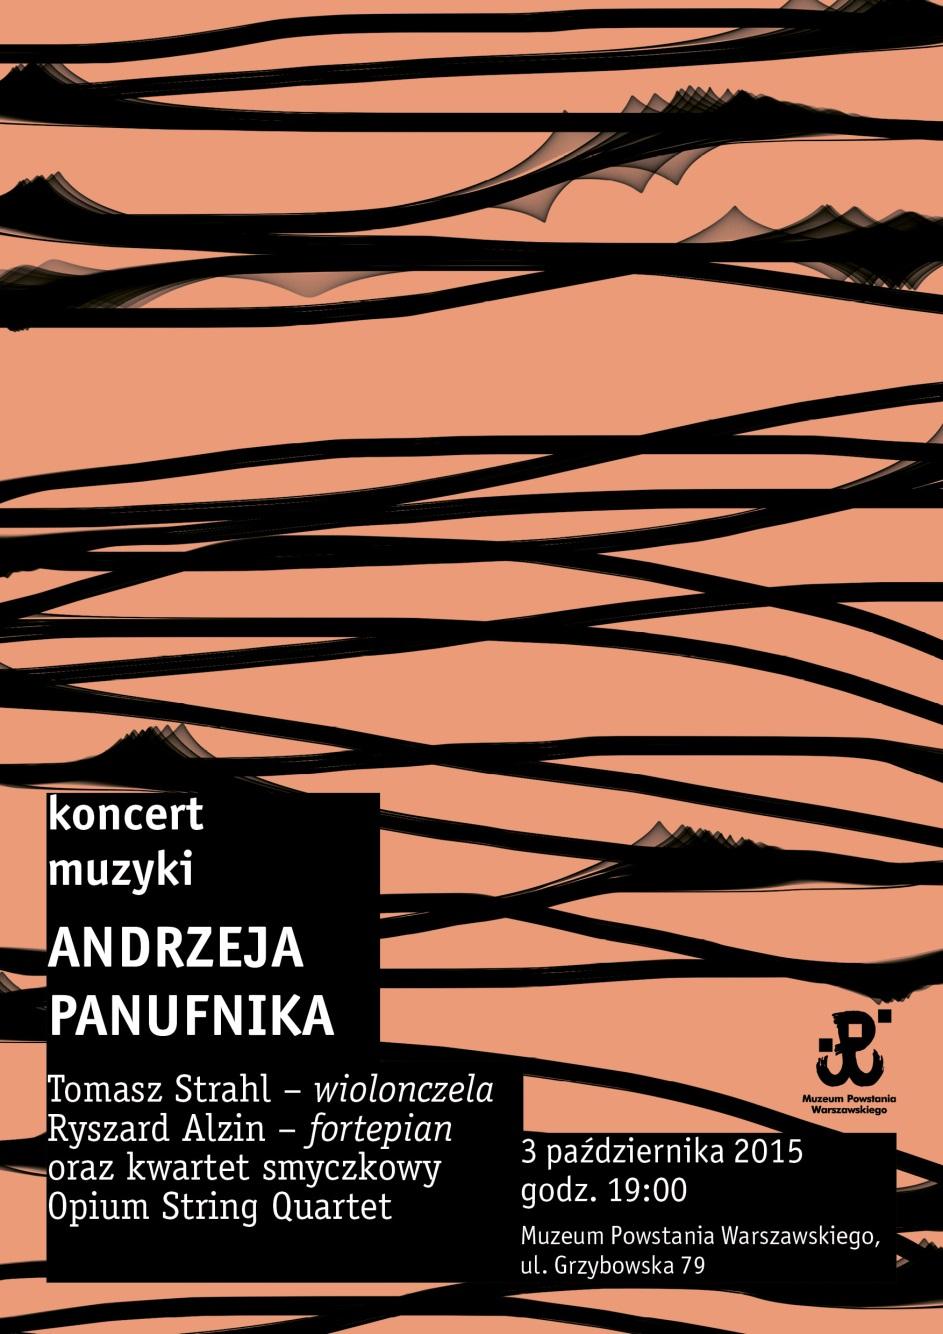 Koncert muzyki Andrzeja Panufnika – plakat (źródło: materiały prasowe)